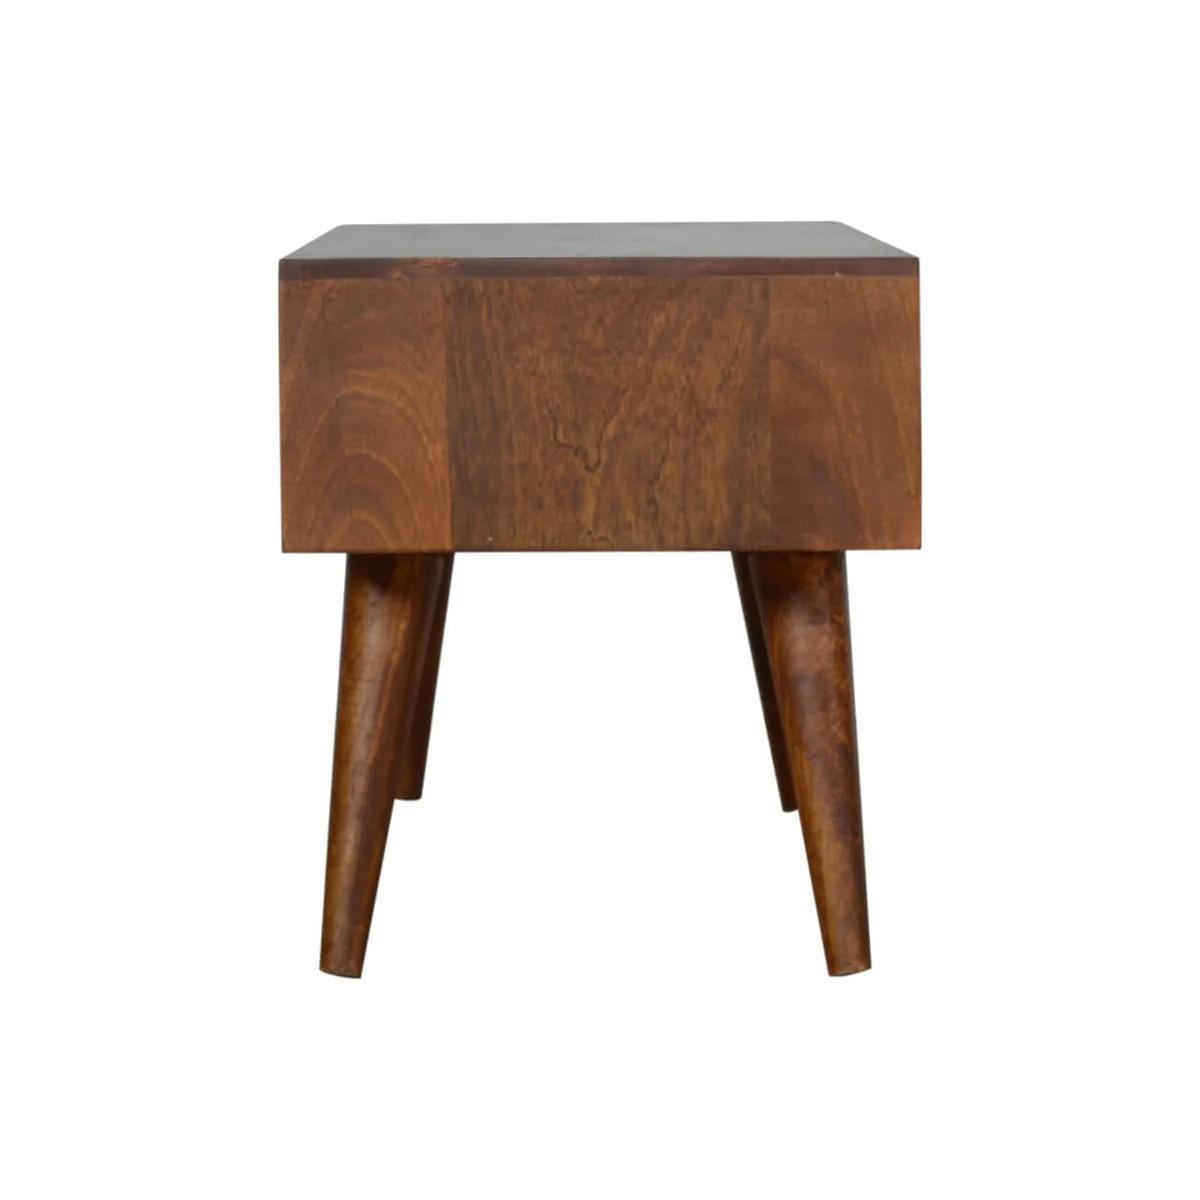 meuble media bois massif fait main bien aise com